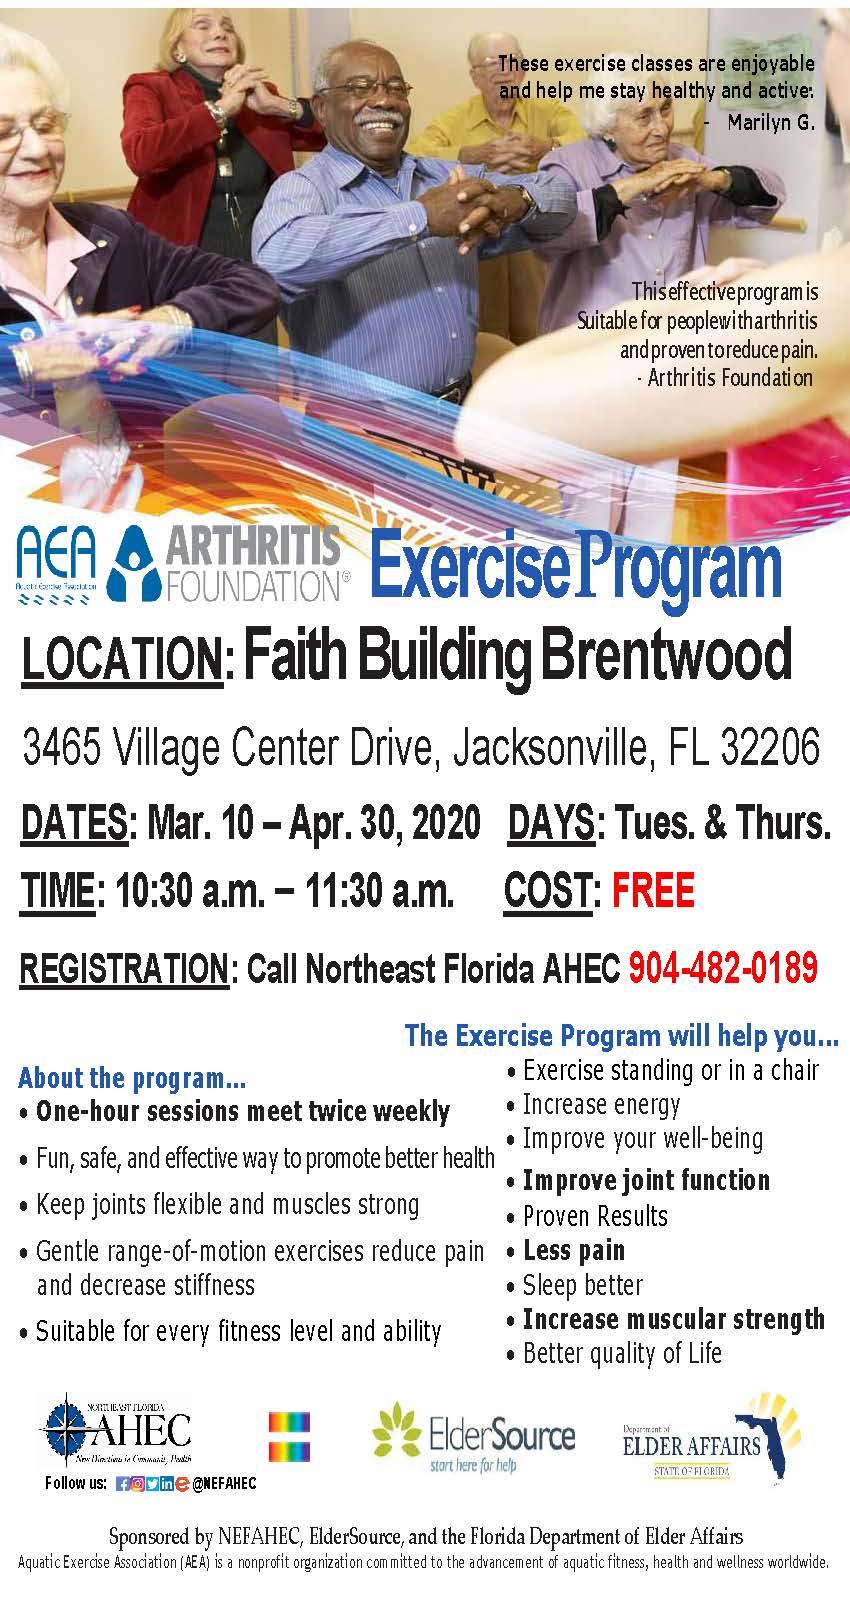 arthritis foundation exercise program cum să întinzi articulațiile genunchiului